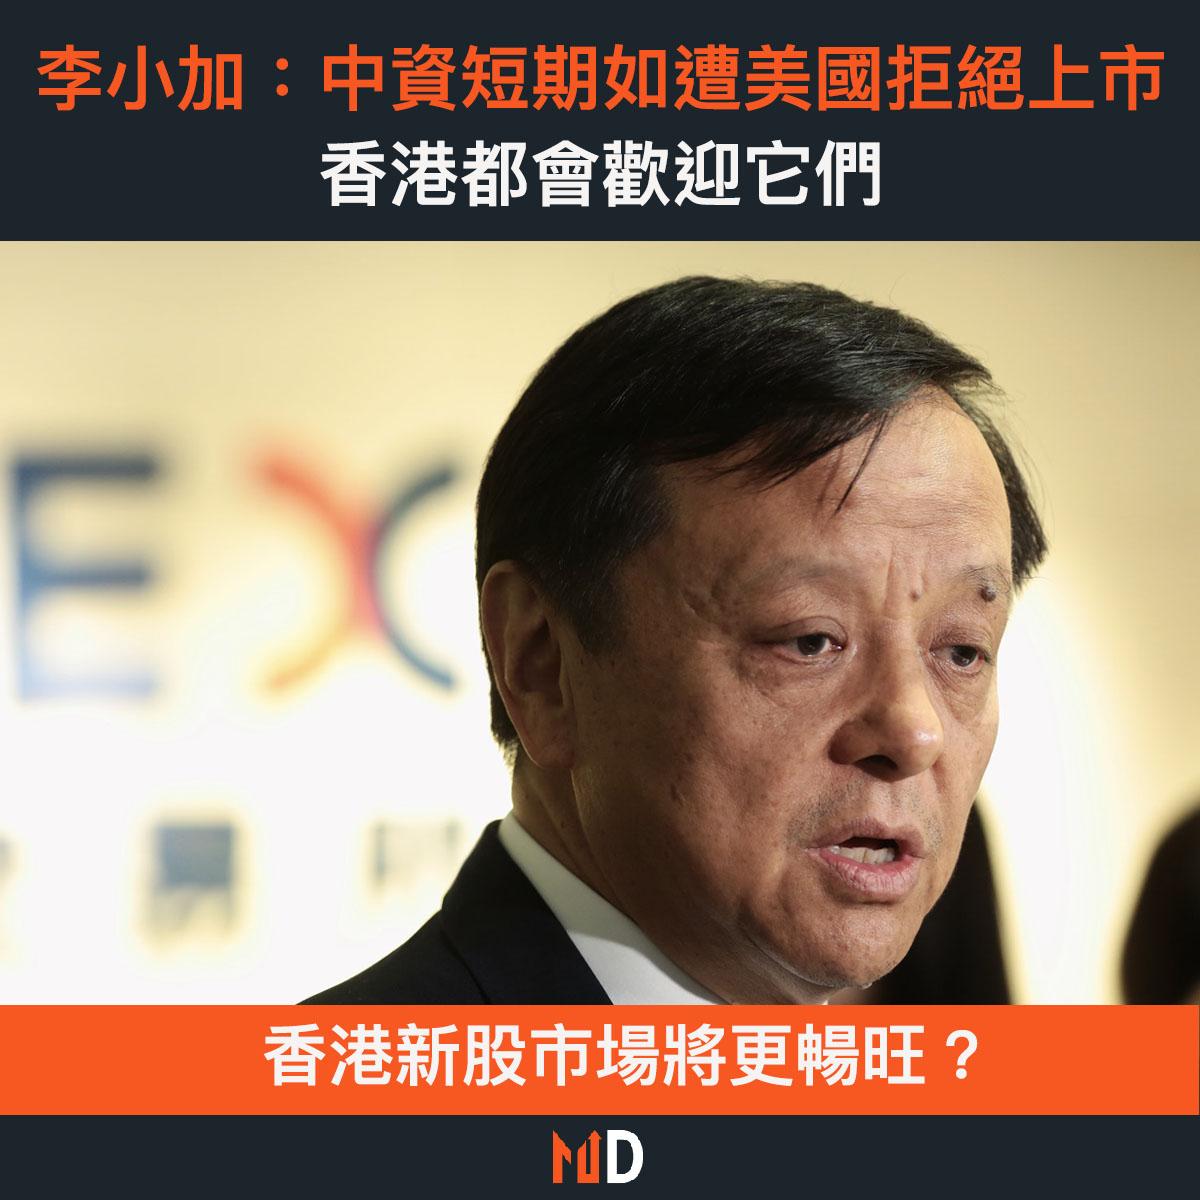 【市場熱話】李小加:中國企業短期如遭美國拒絕上市,香港都會歡迎它們